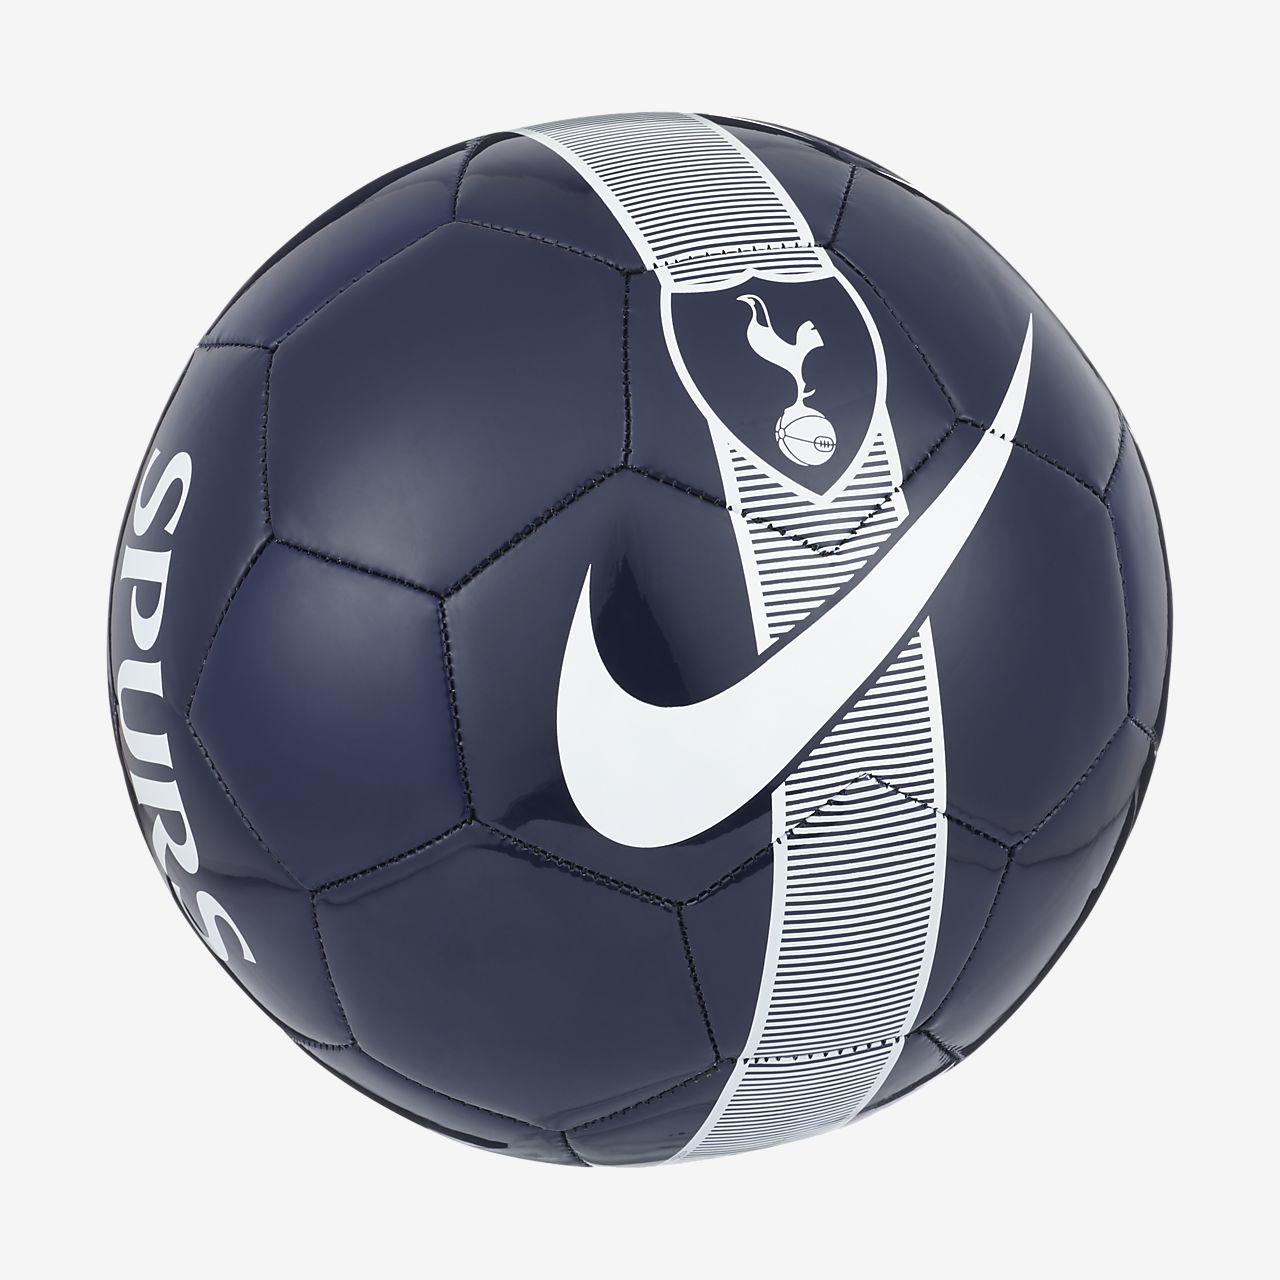 Allenamento calcio Tottenham Hotspur saldi